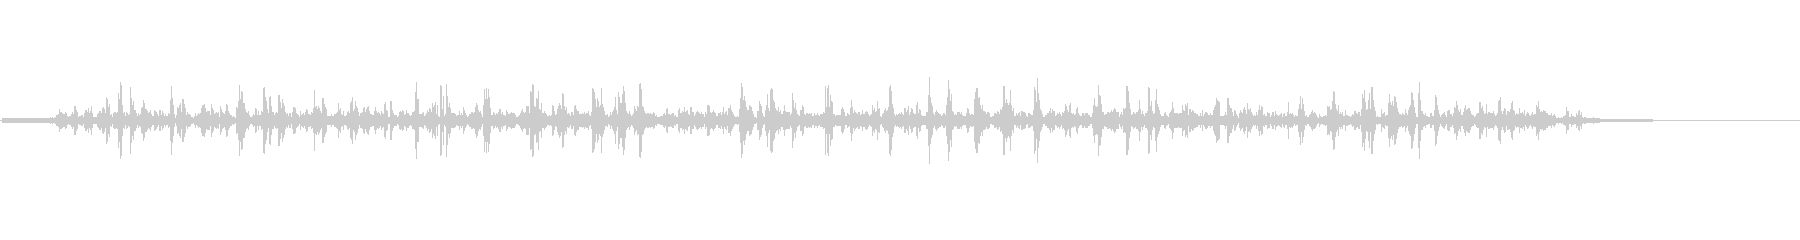 エイリアンピジョン-電子の未再生の波形